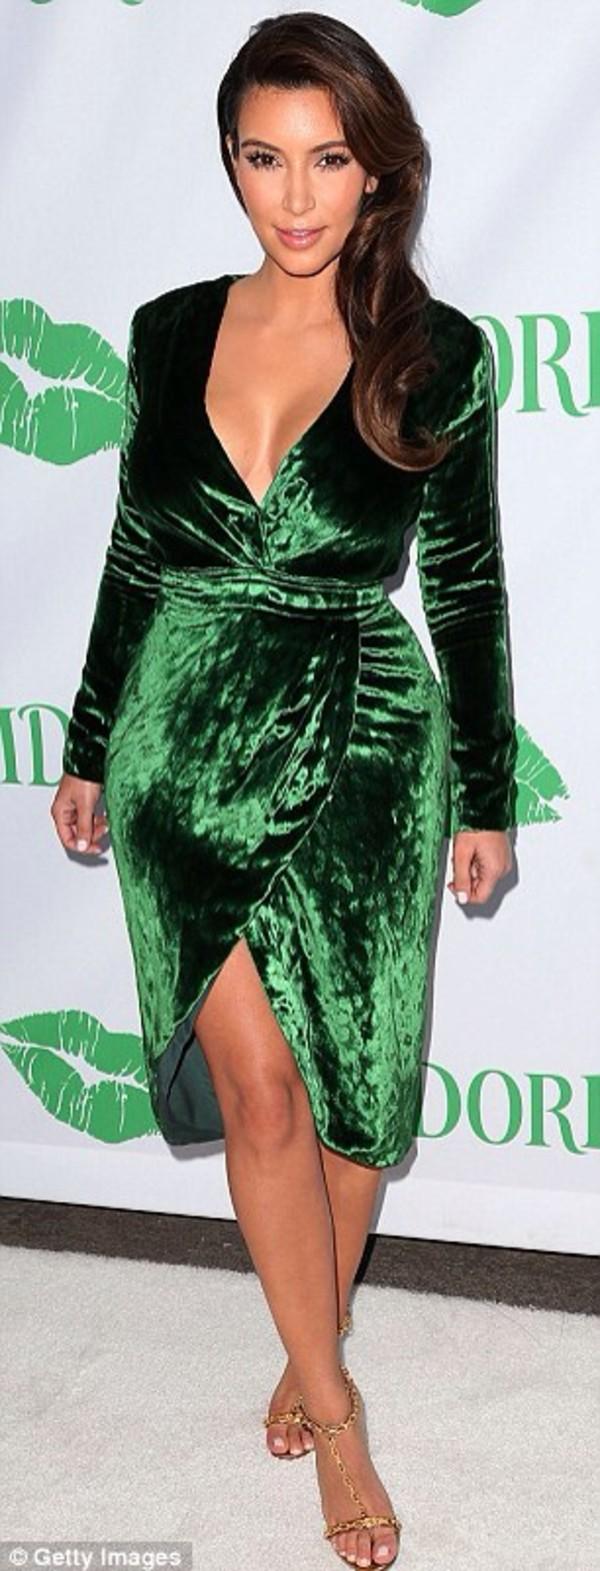 dress kim kardashian green velvet gorgeous keeping up with the kardashians